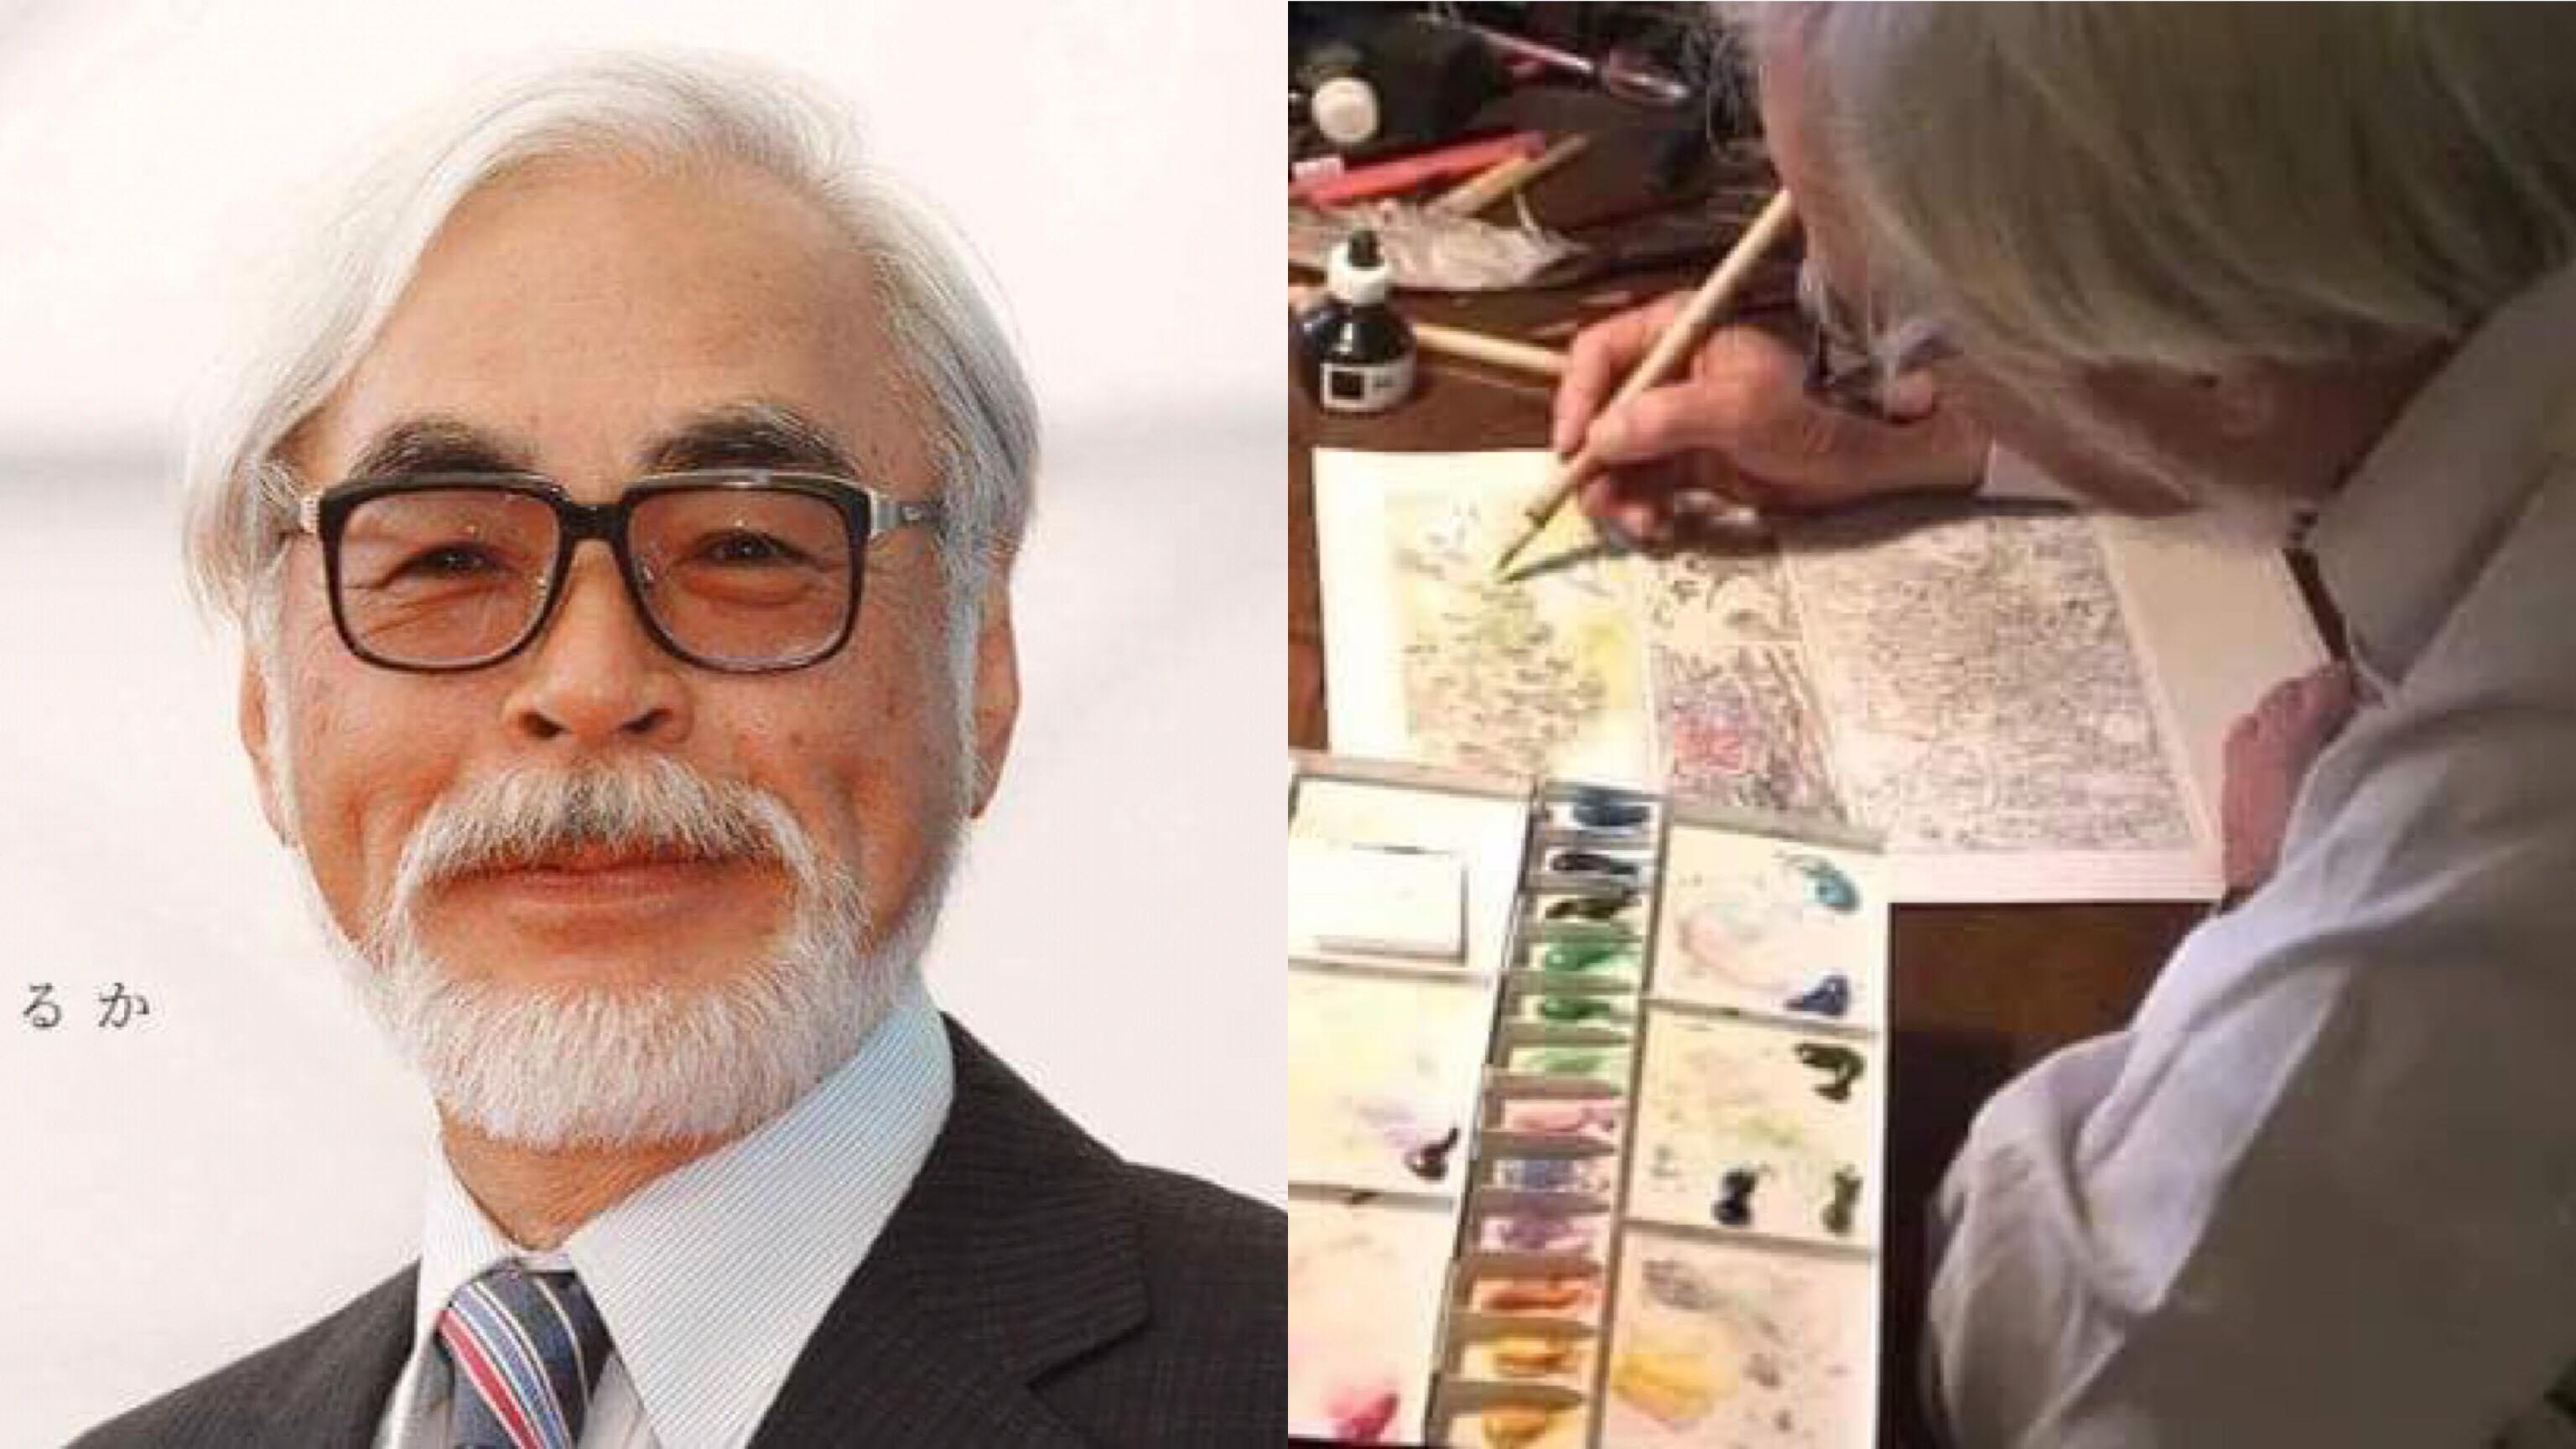 最後一次了!「宮崎駿最後一部作品」內容曝光,藏著令人感動的鼻酸…. – 我們用電影寫日記